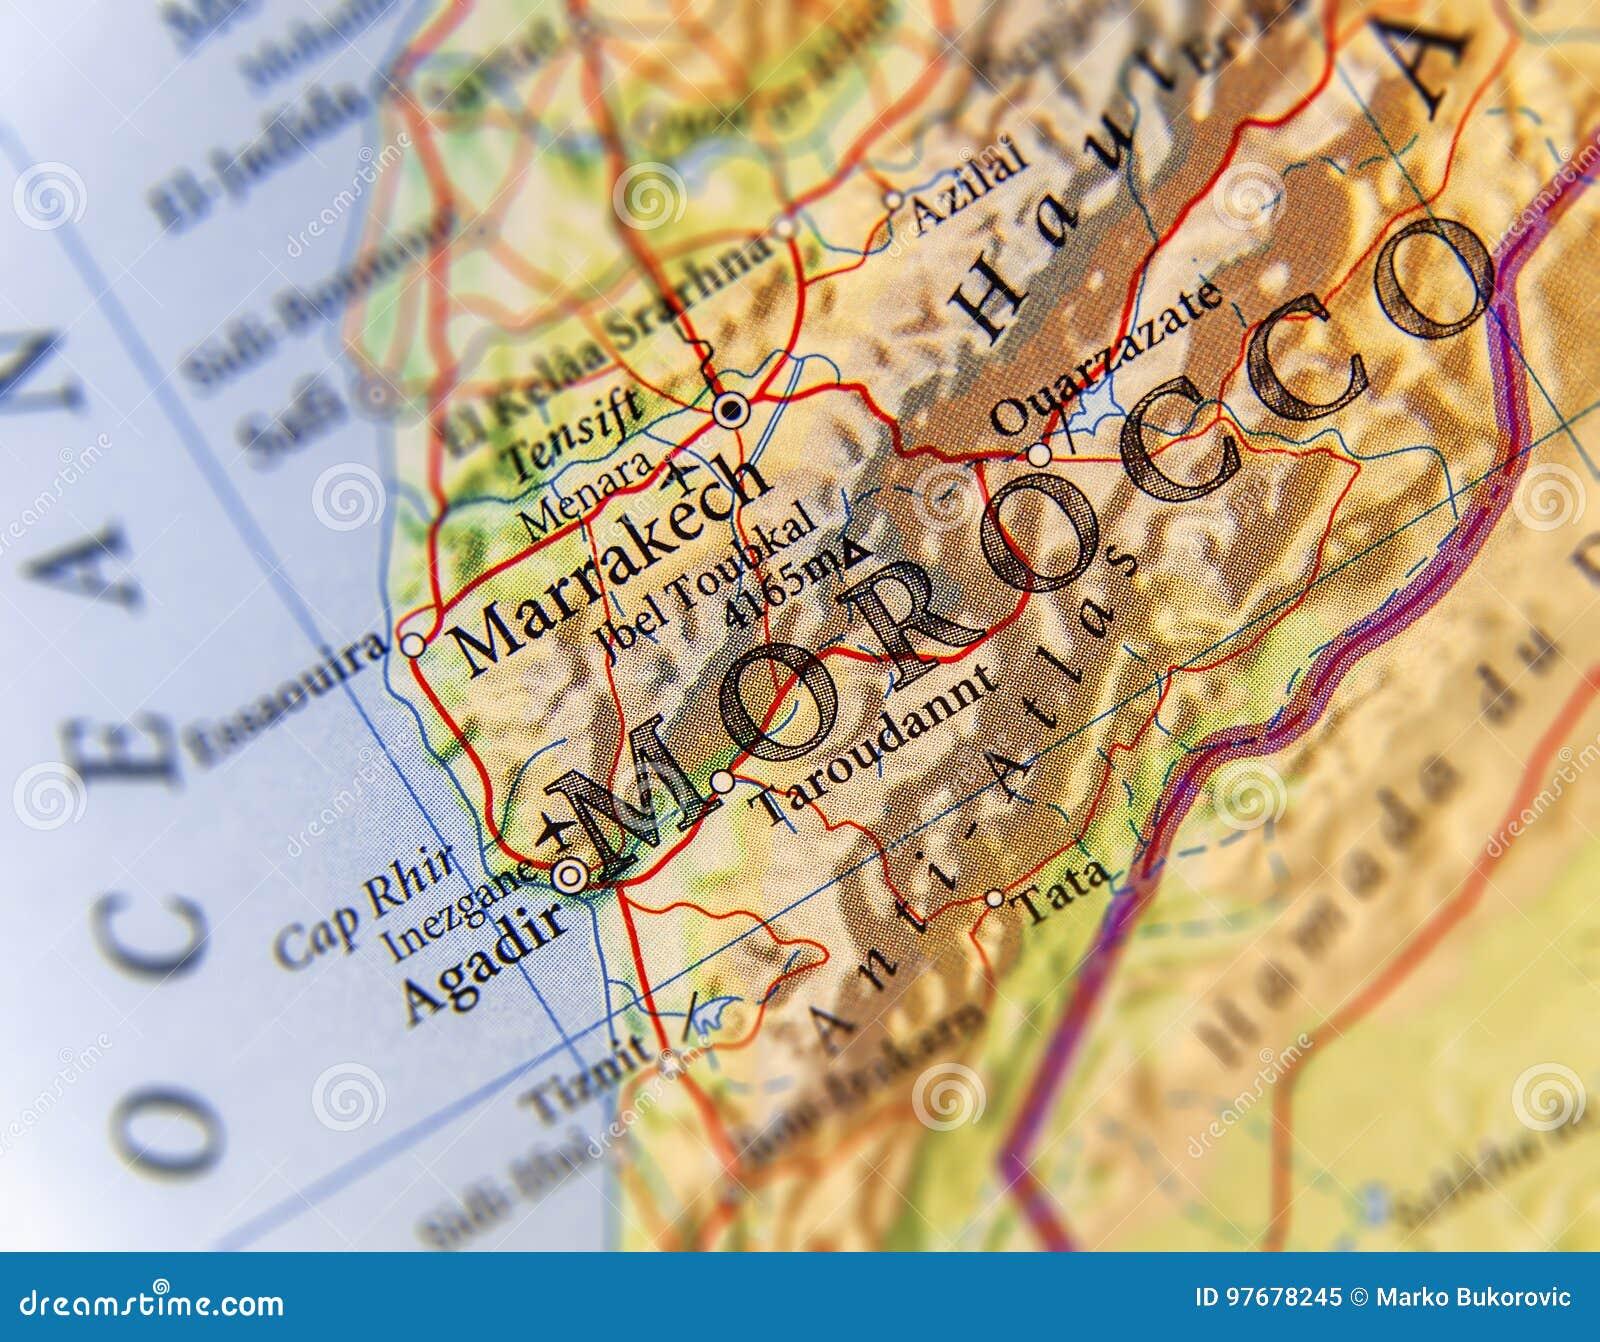 Cartina Politica Del Marocco.Mappa Geografica Del Paese Del Marocco Con Le Citta Importanti Immagine Stock Immagine Di Politicamente Canarino 97678245